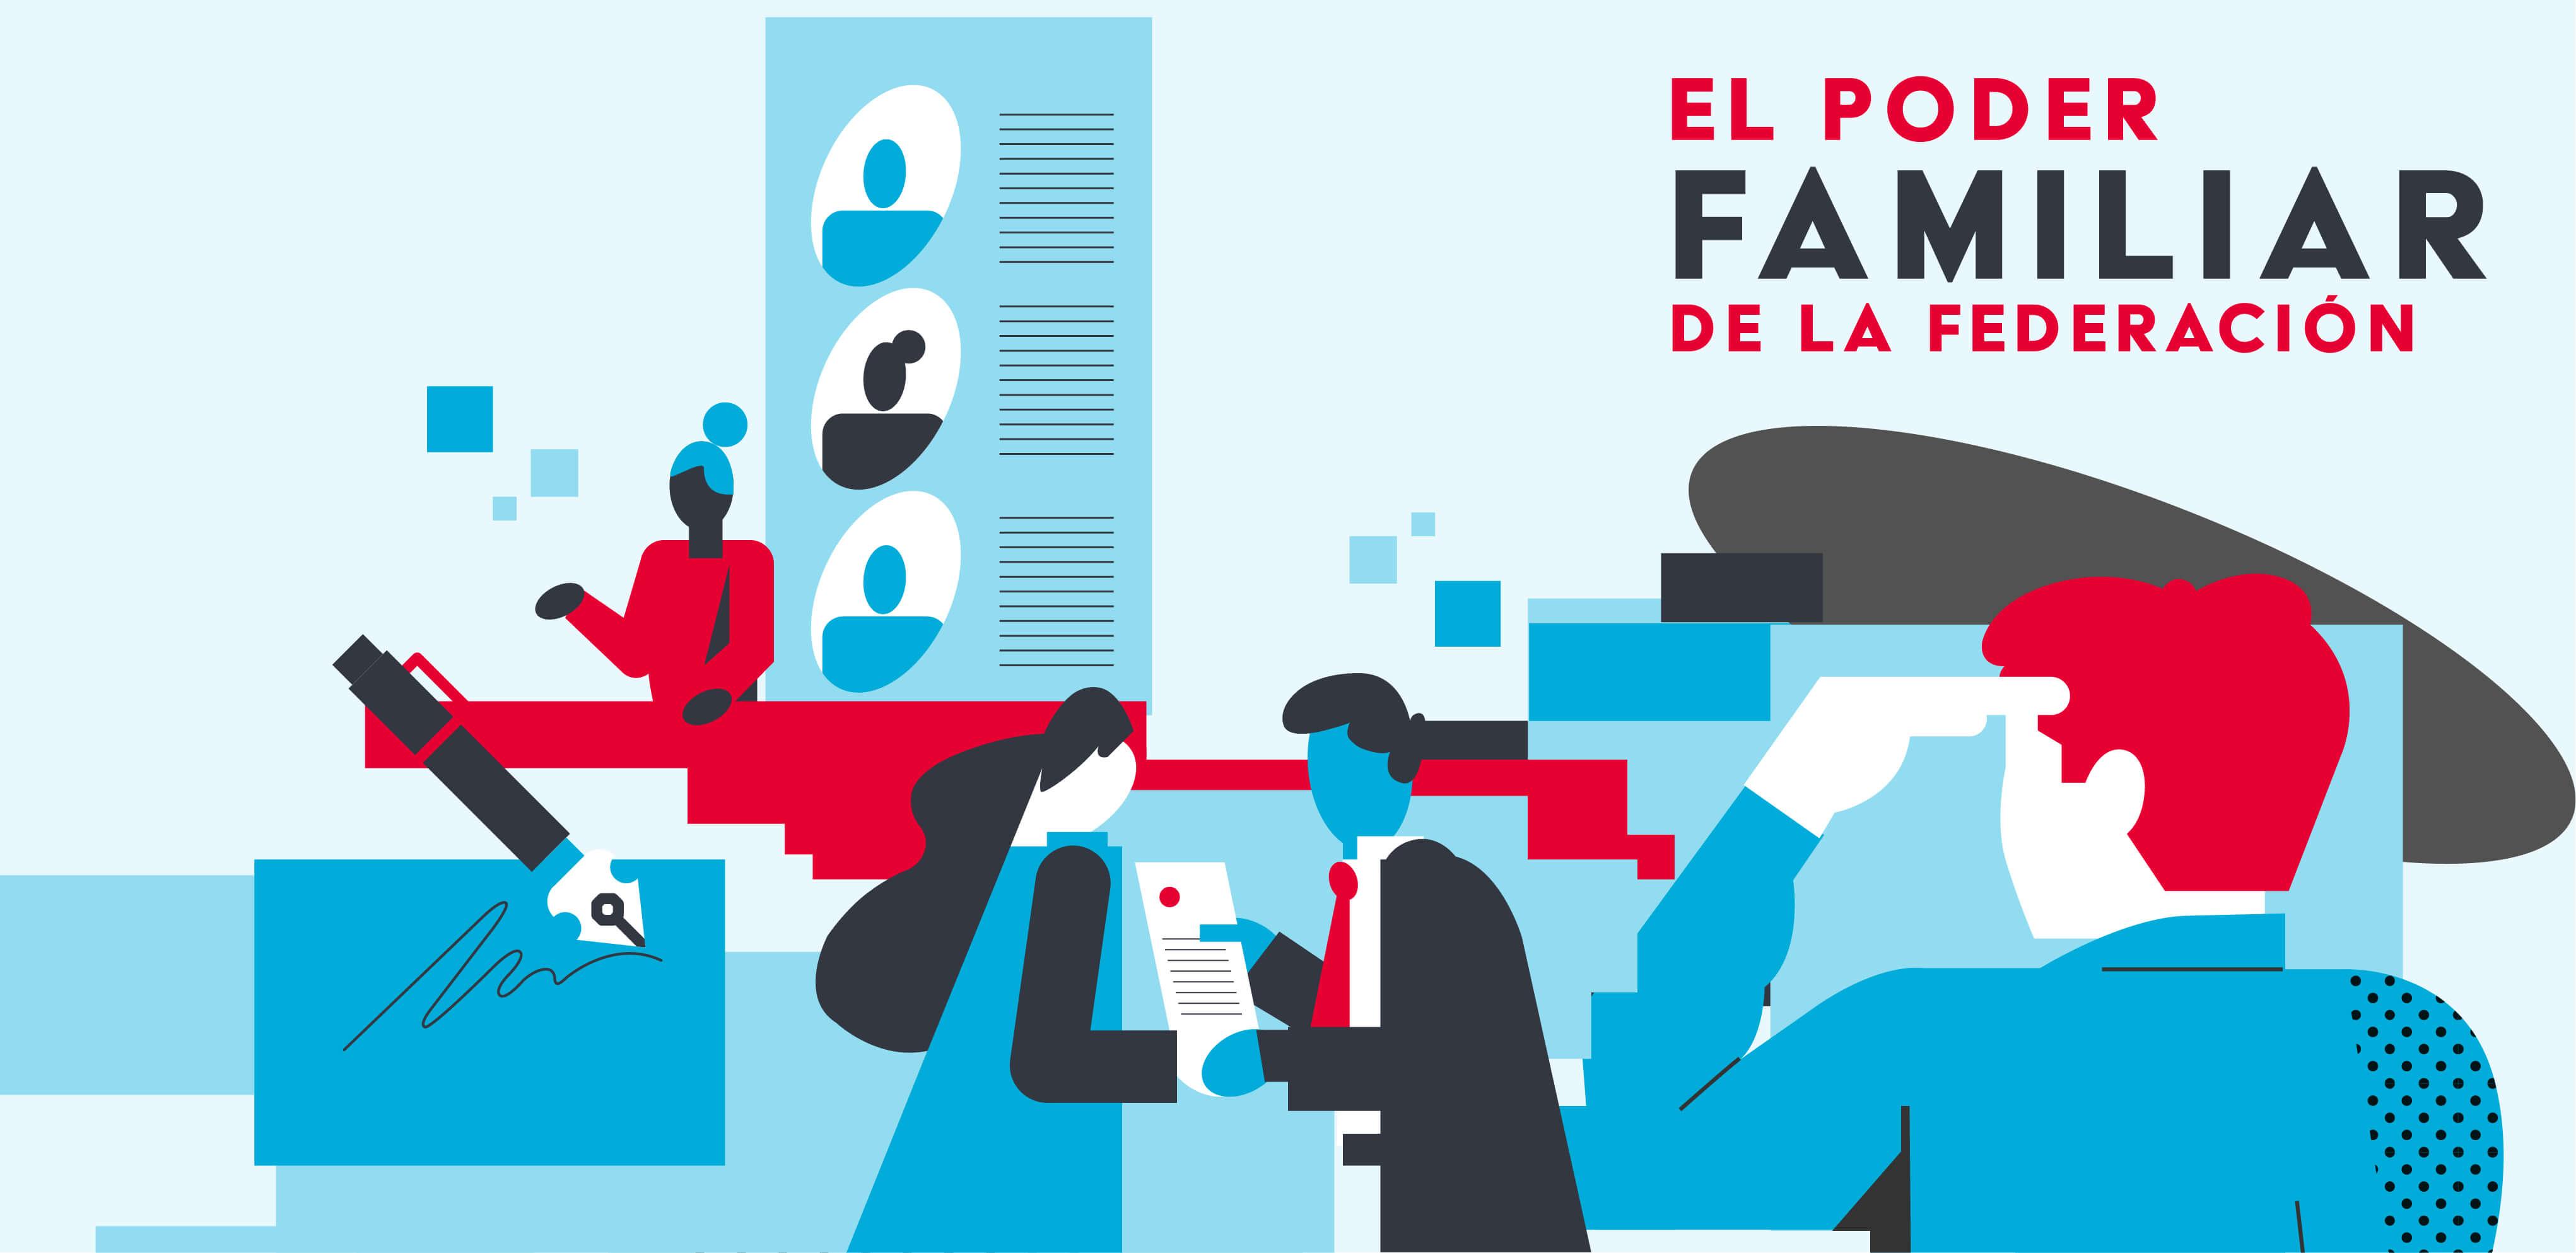 EL PODER FAMILIAR DE LA FEDERACIÓN